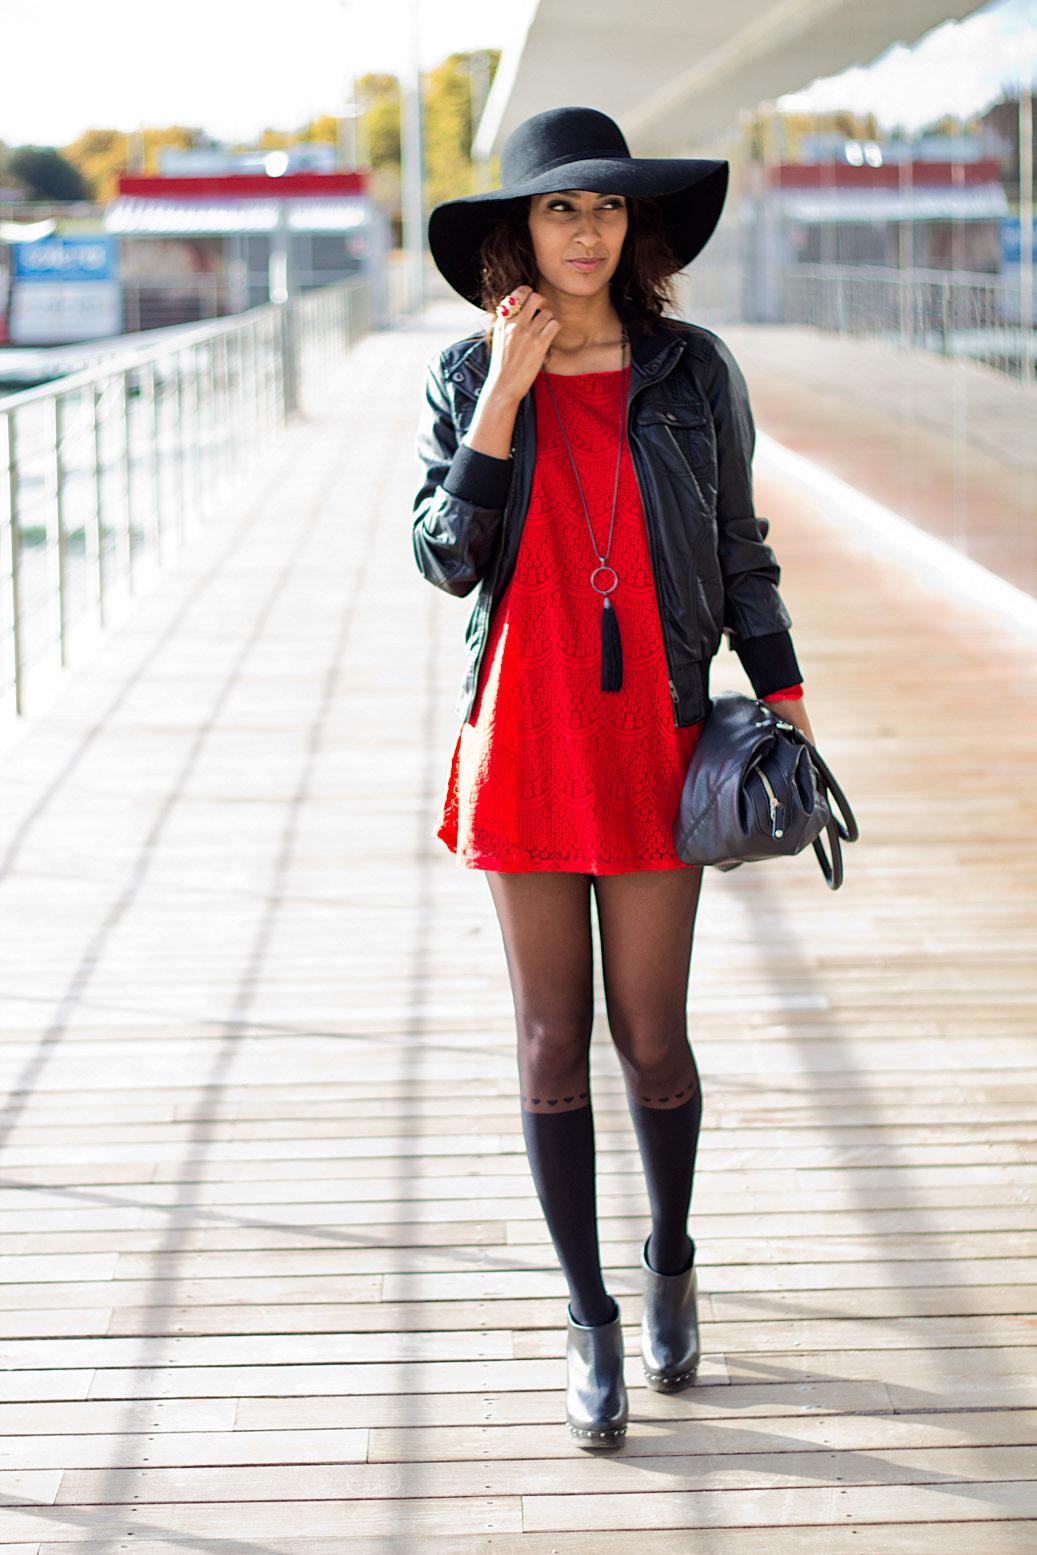 Vestidos rojos con medias negras